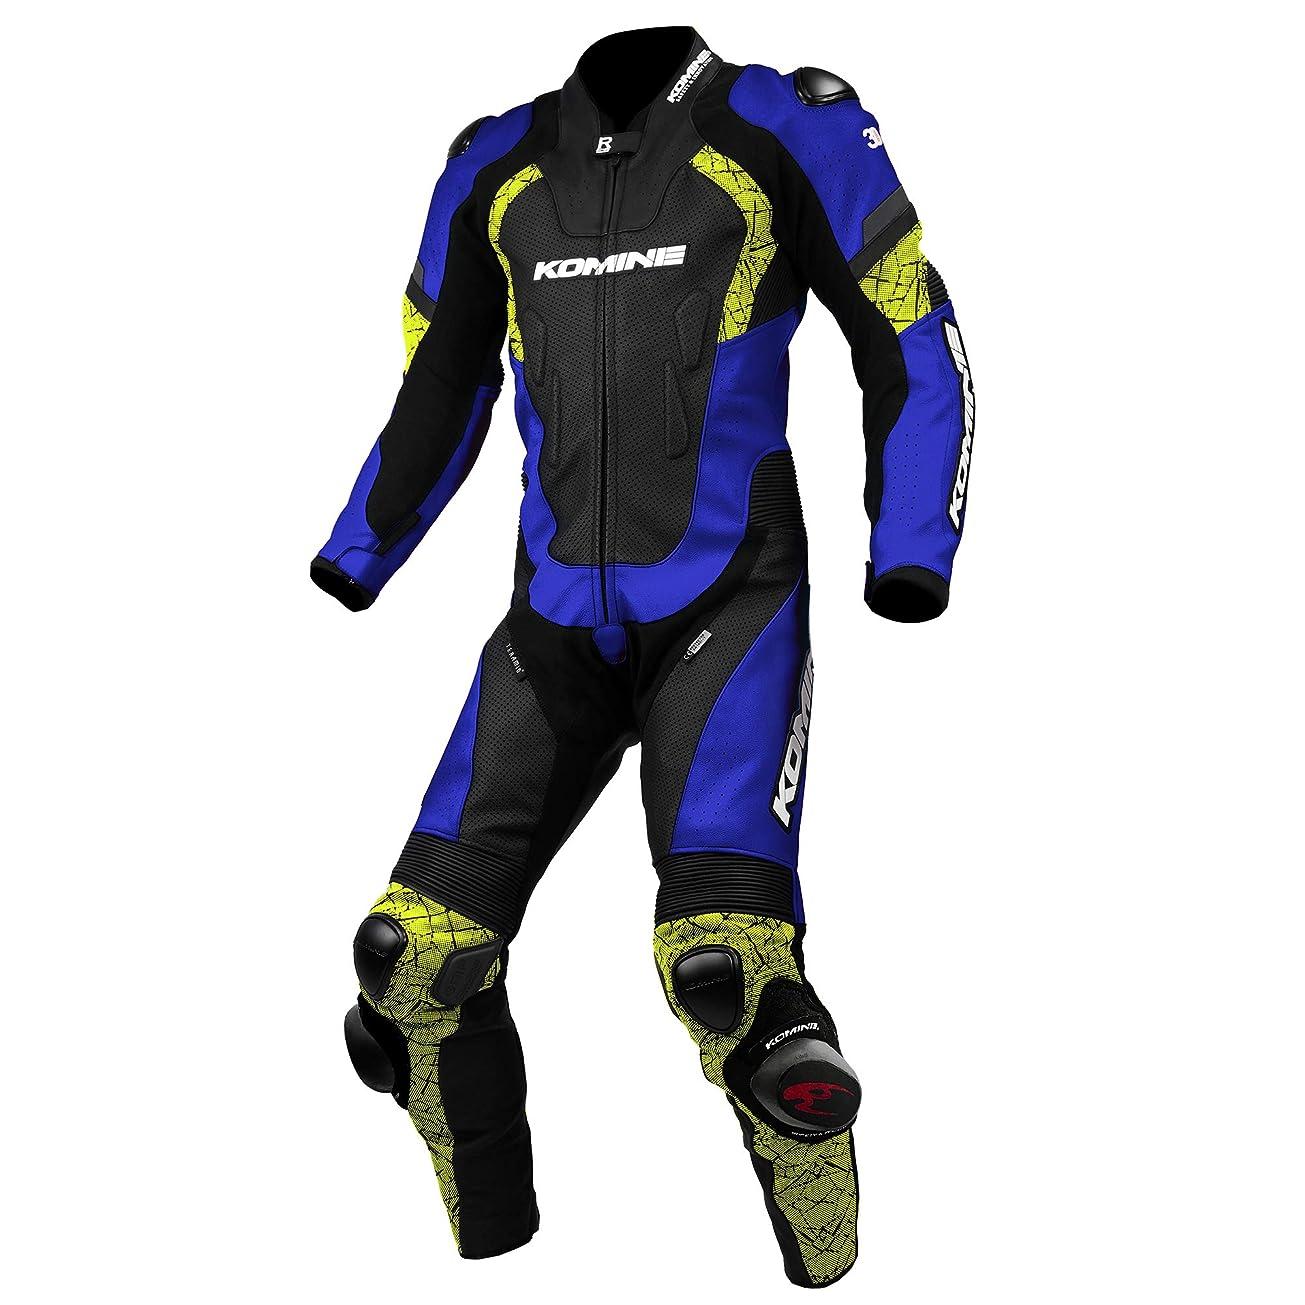 季節広範囲薄めるコミネ KOMINE バイク レーシング レザー スーツ プロテクター 革 本革 つなぎ レース Blue/Neon M S-52 02-052